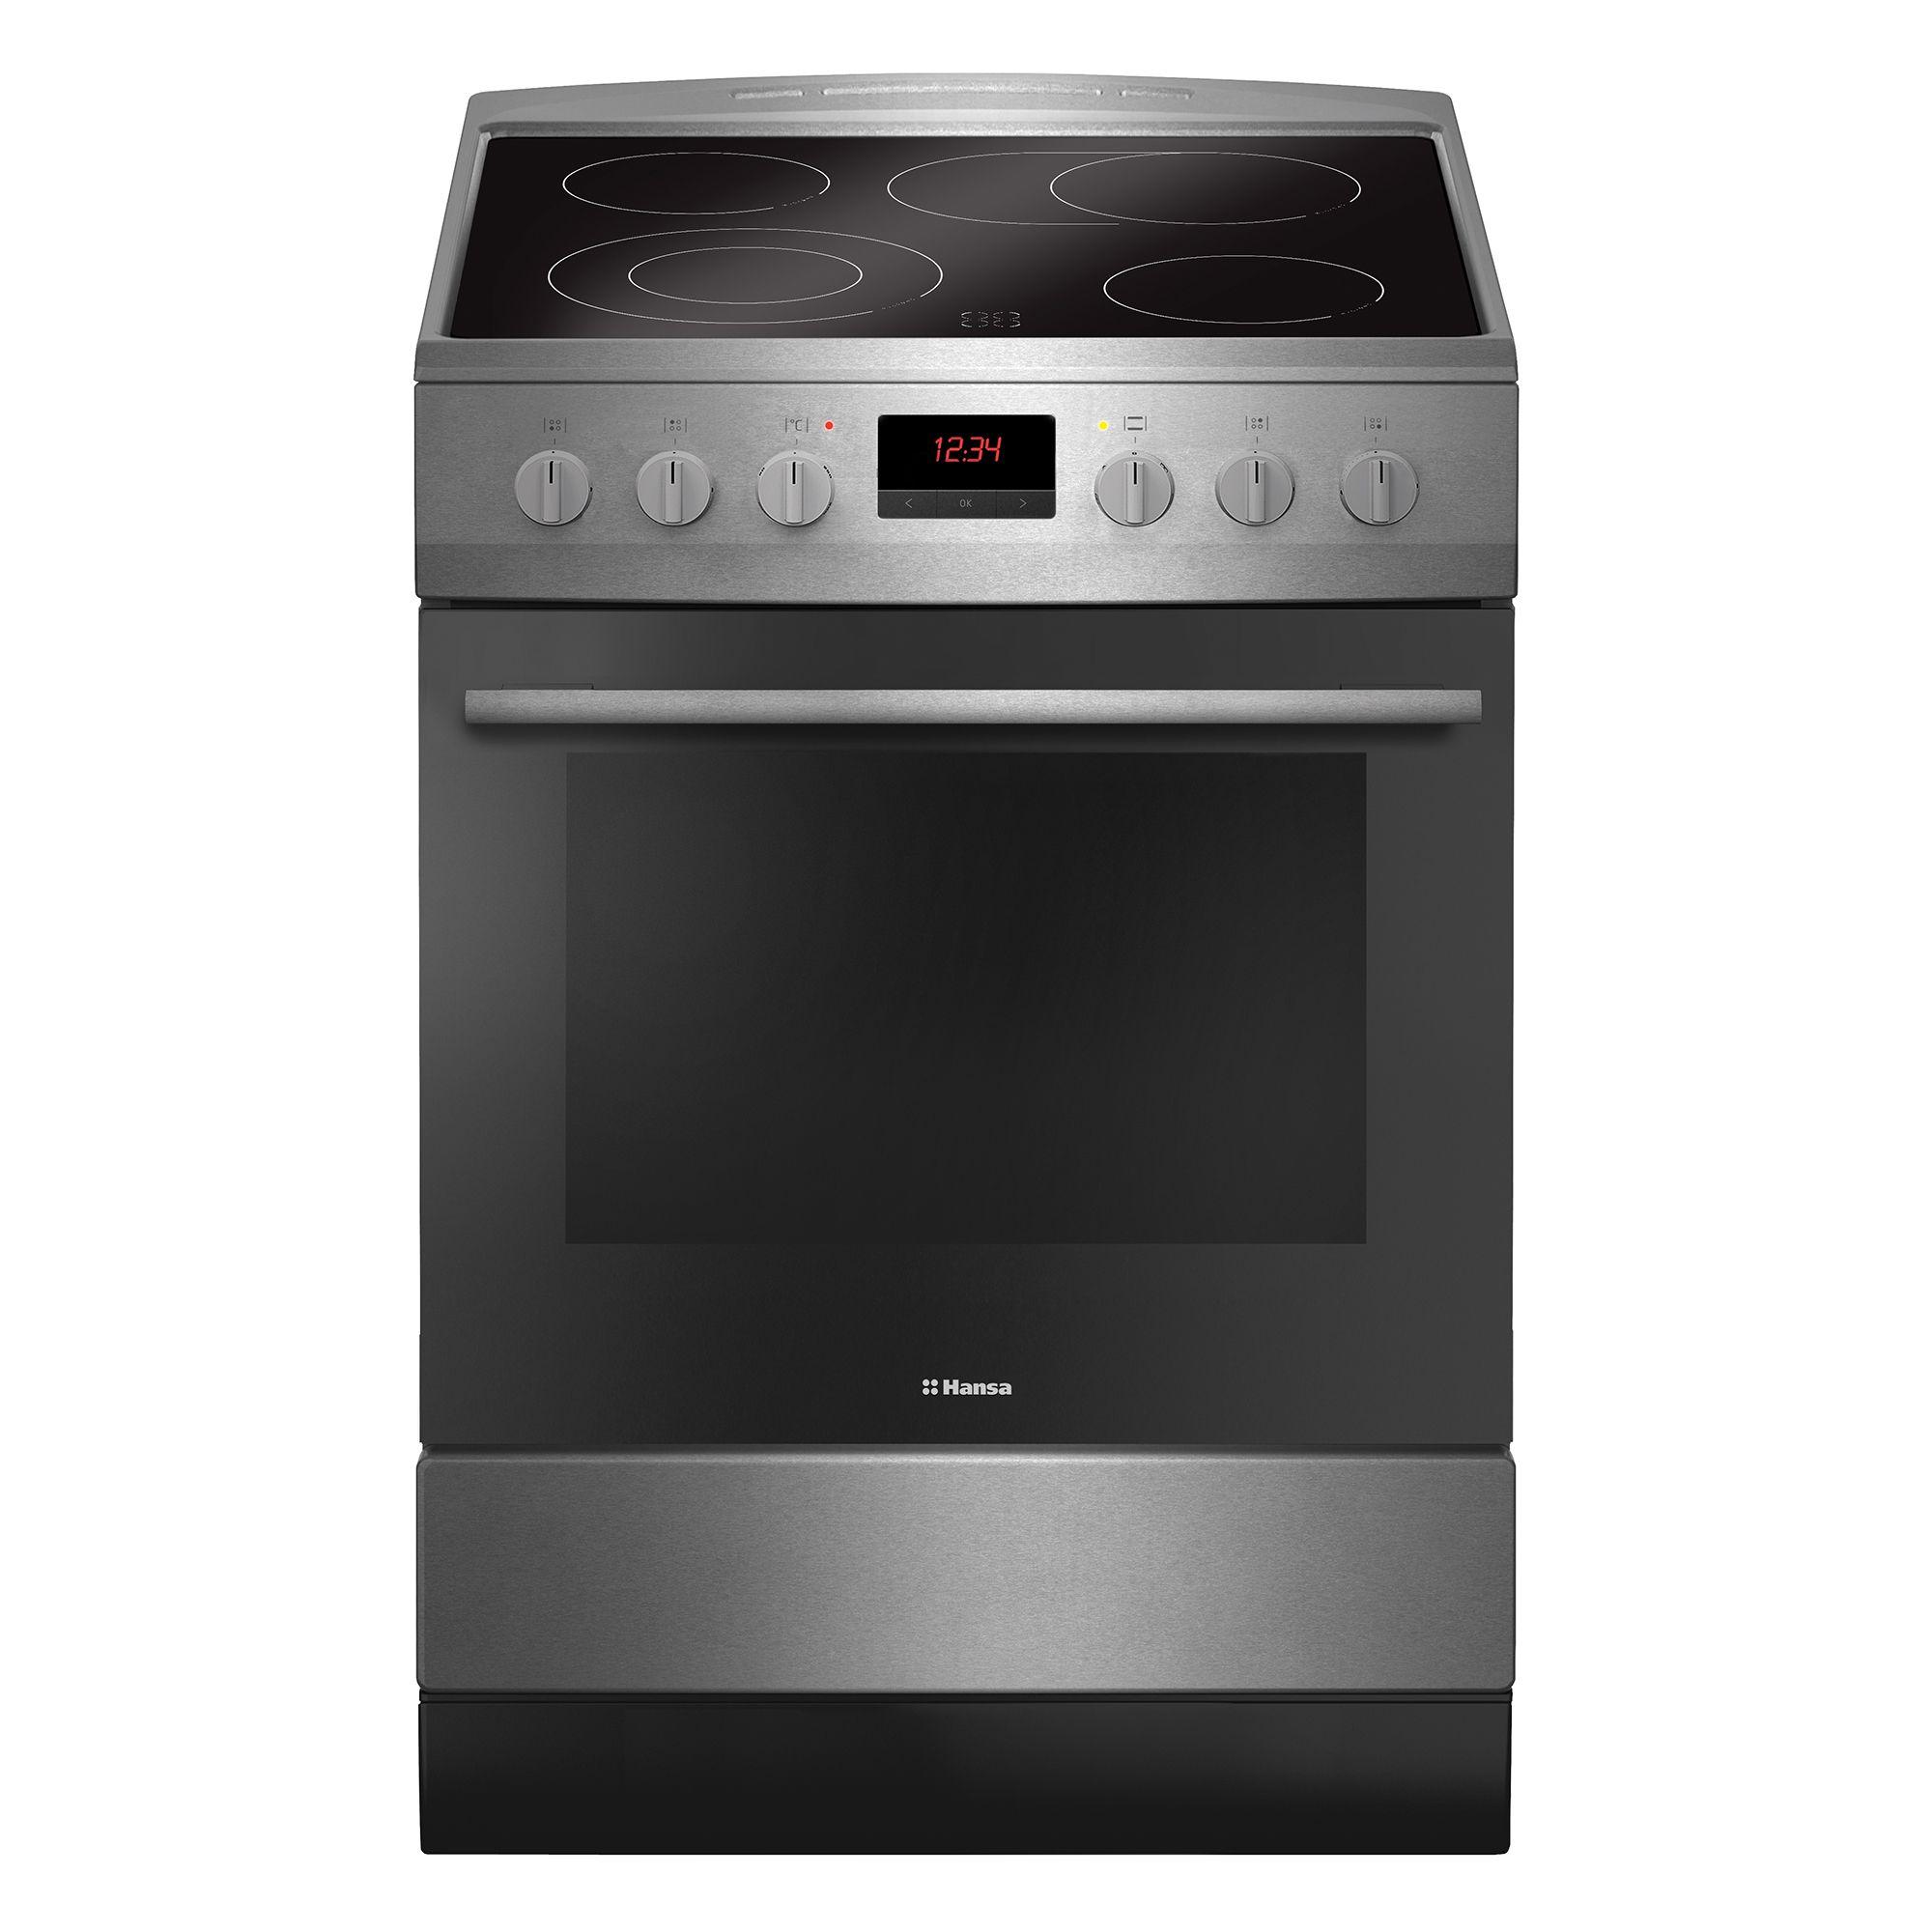 Електрическа готварска печка Hansa FCCX59209, 4 Нагревателни зони, Функция грил, Клас A, Инокс